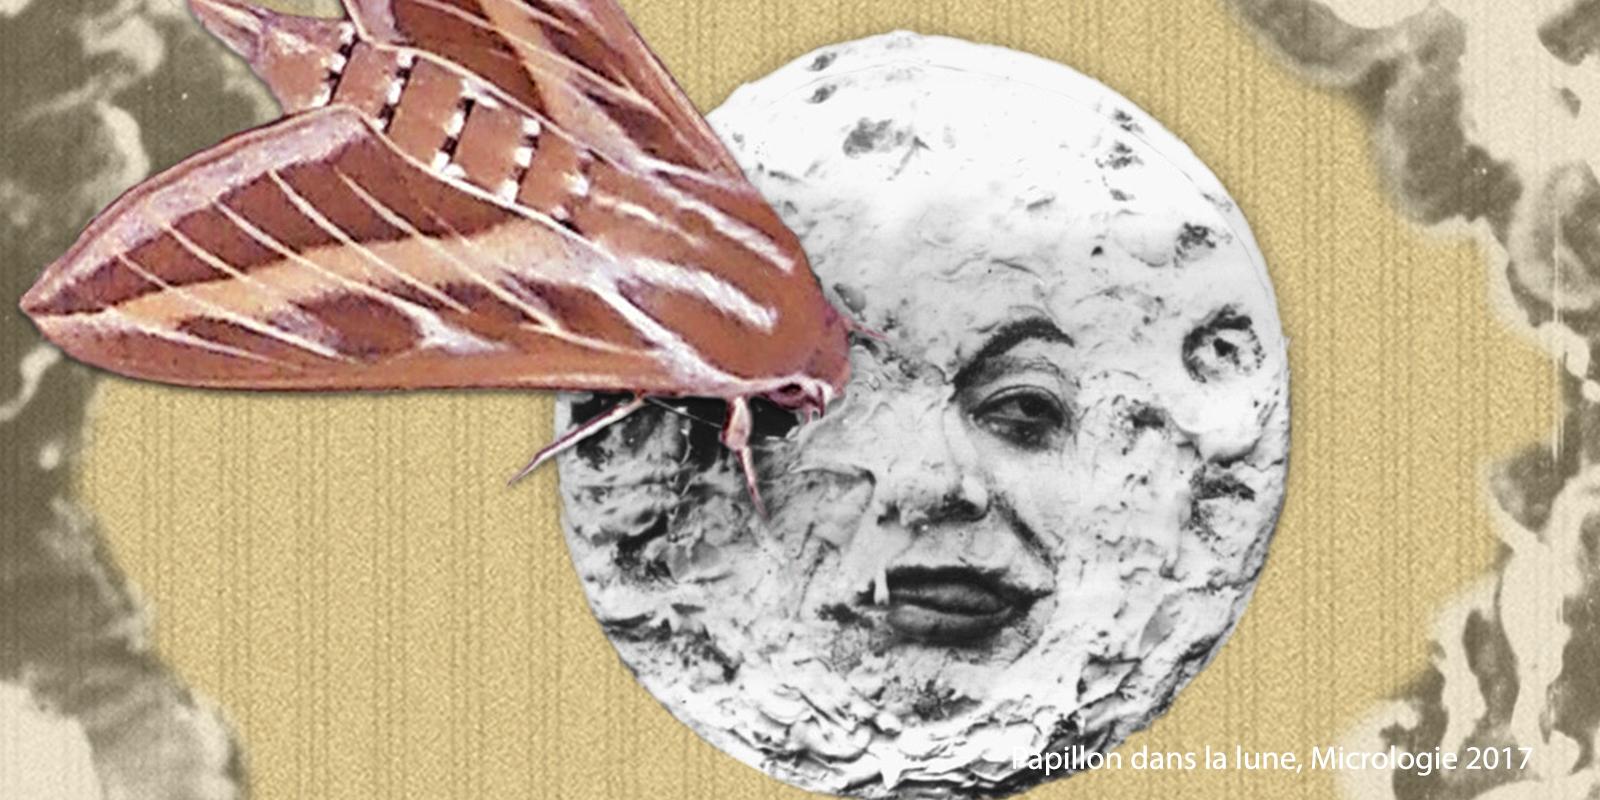 Papillon dans la lune, micrologie